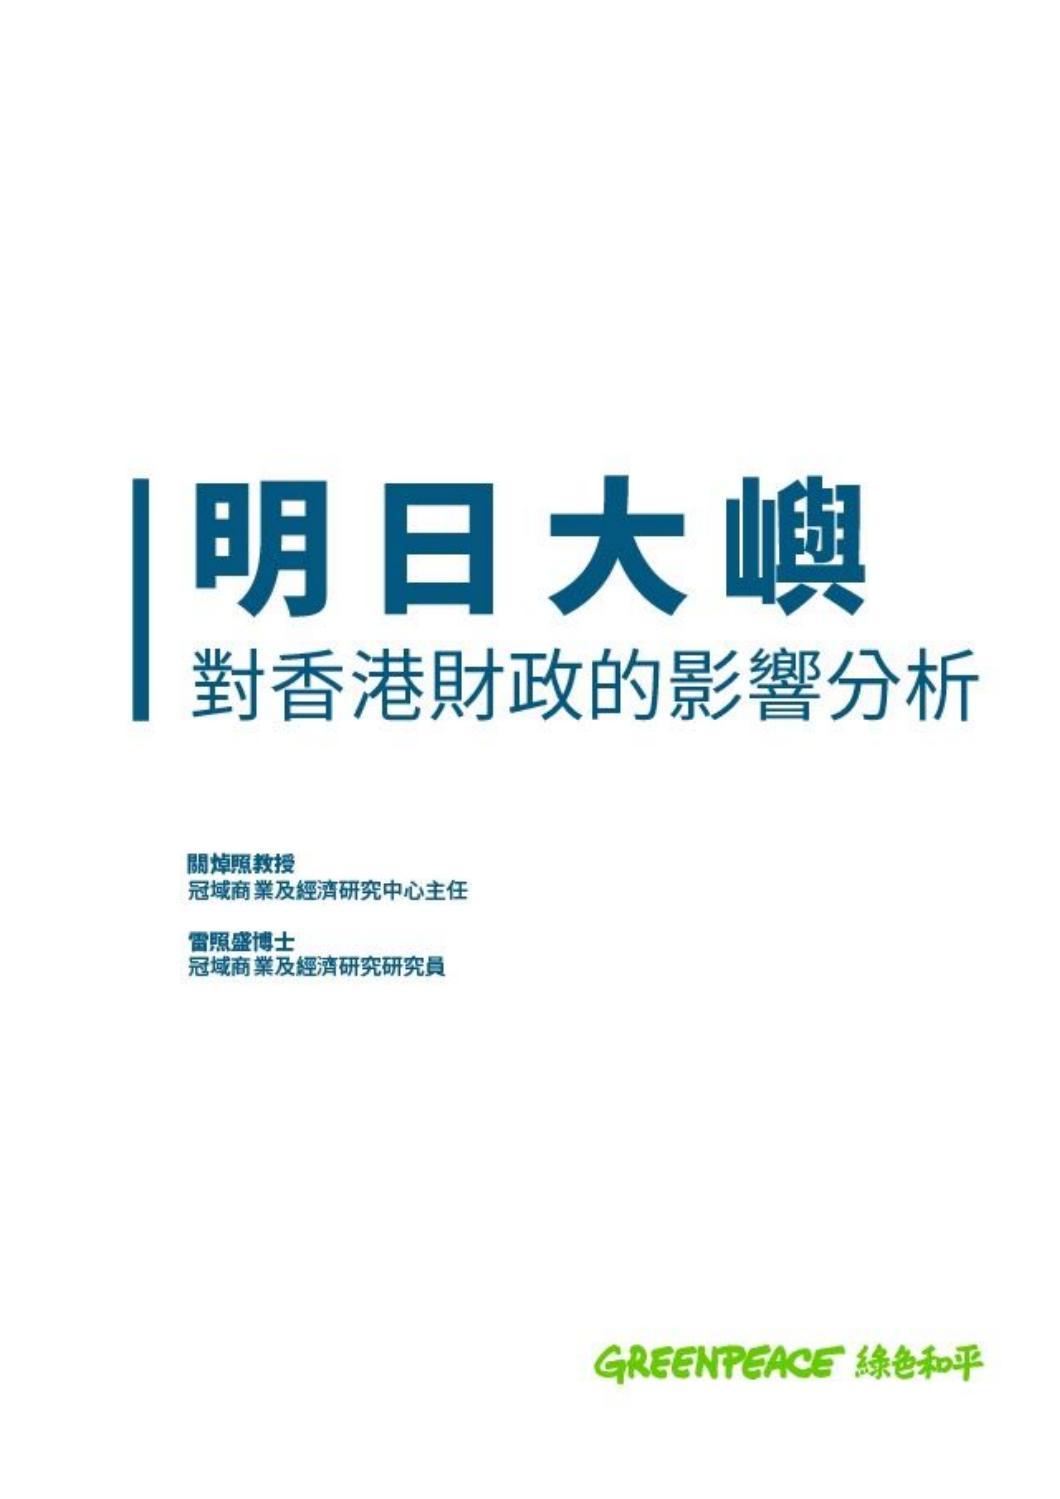 爆破 武漢 研究 所